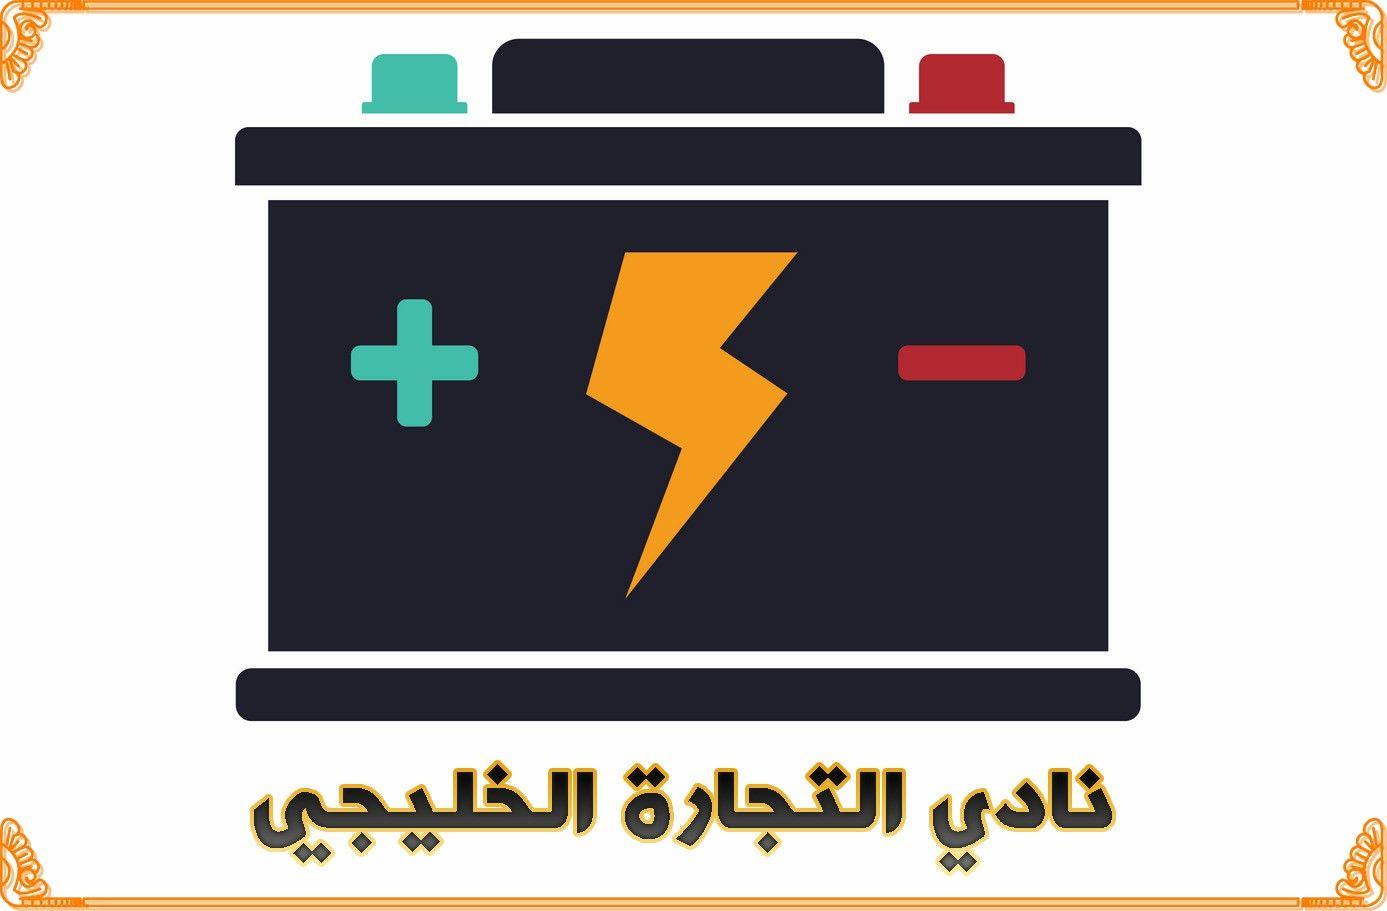 مشروع محل بطاريات السيارات في السعودية مشروع مربح جدا Houston Astros Logo Team Logo Astros Logo